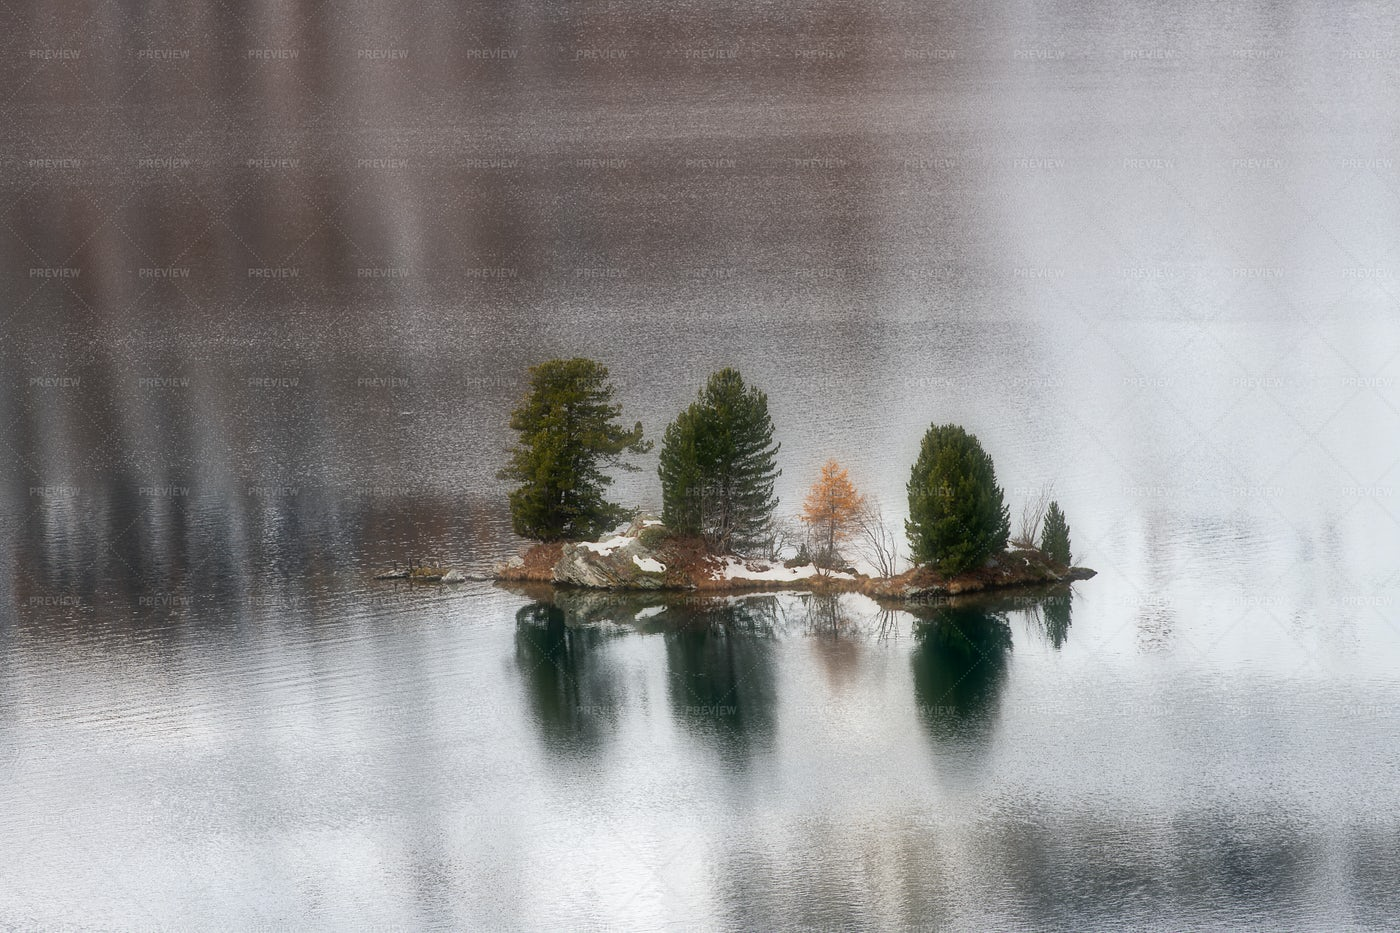 Small Island In A Mountain Lake: Stock Photos